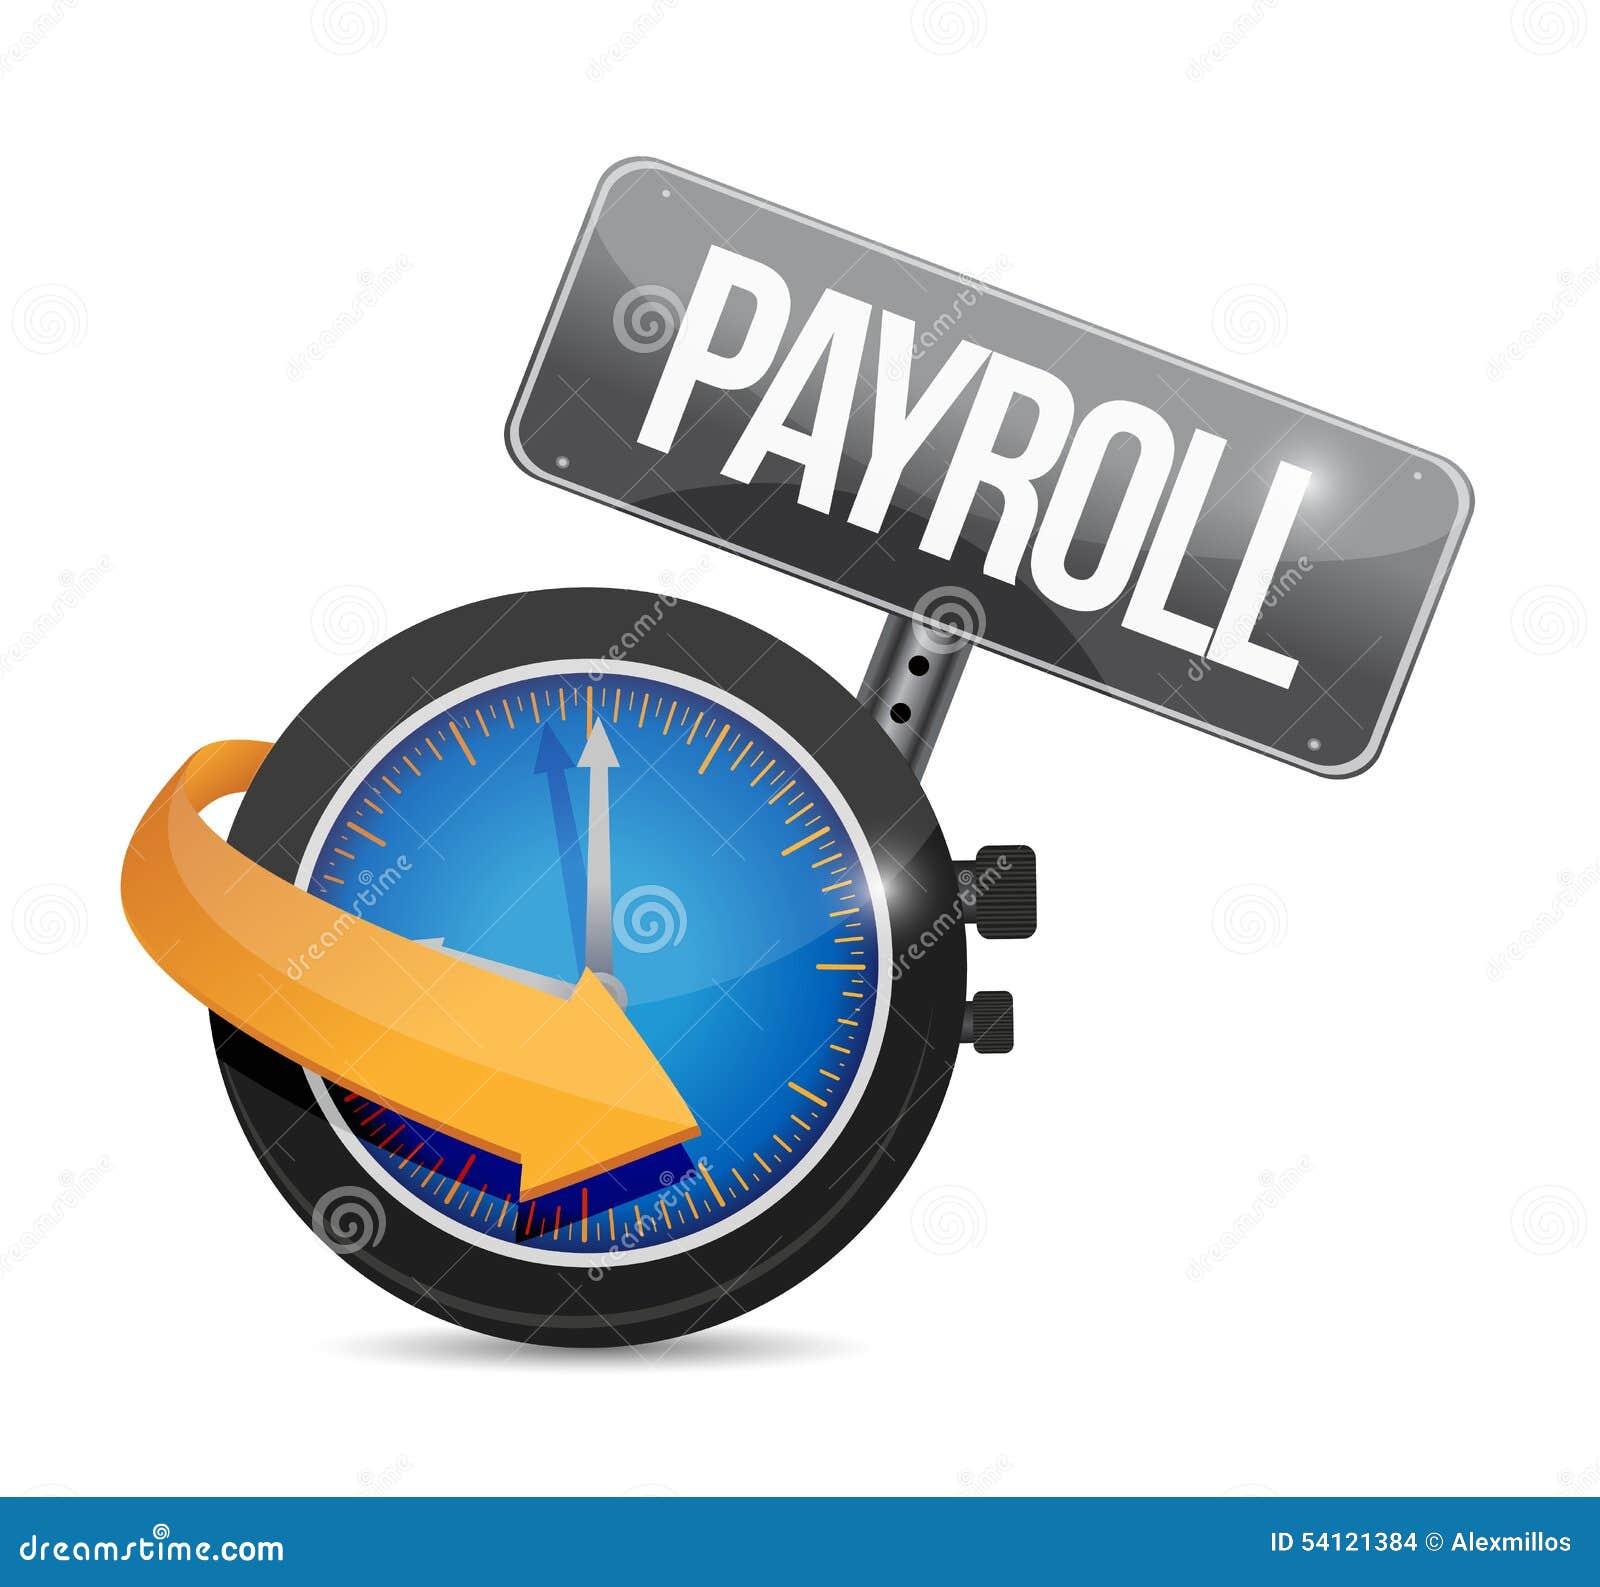 payroll stock illustrations 473 payroll stock illustrations